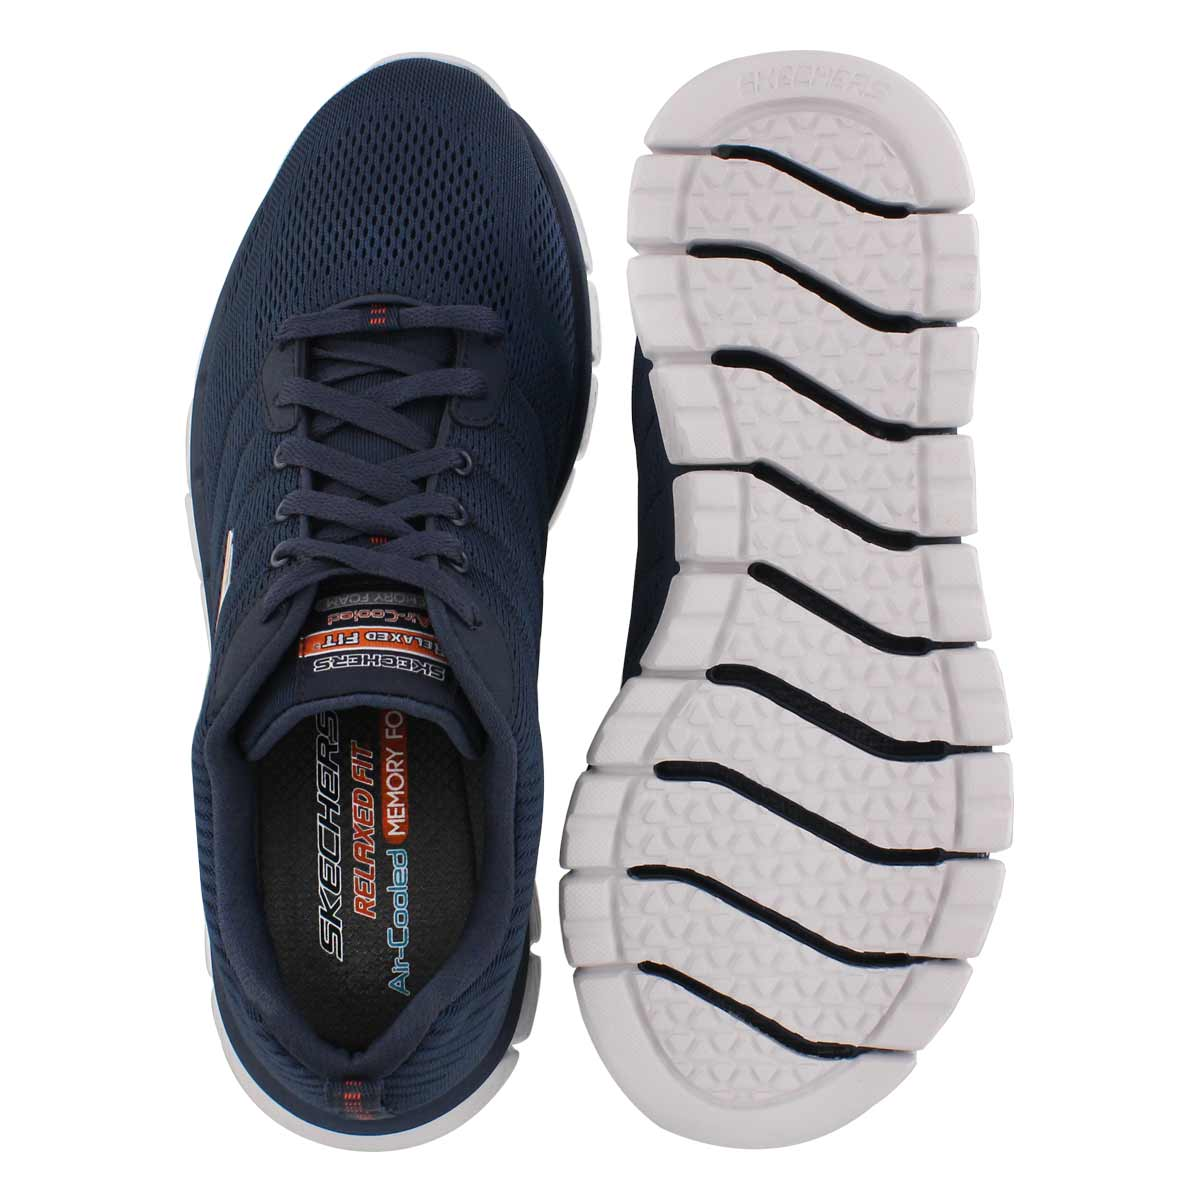 Mns Skech-Flex 2.0 Milwee navy sneaker